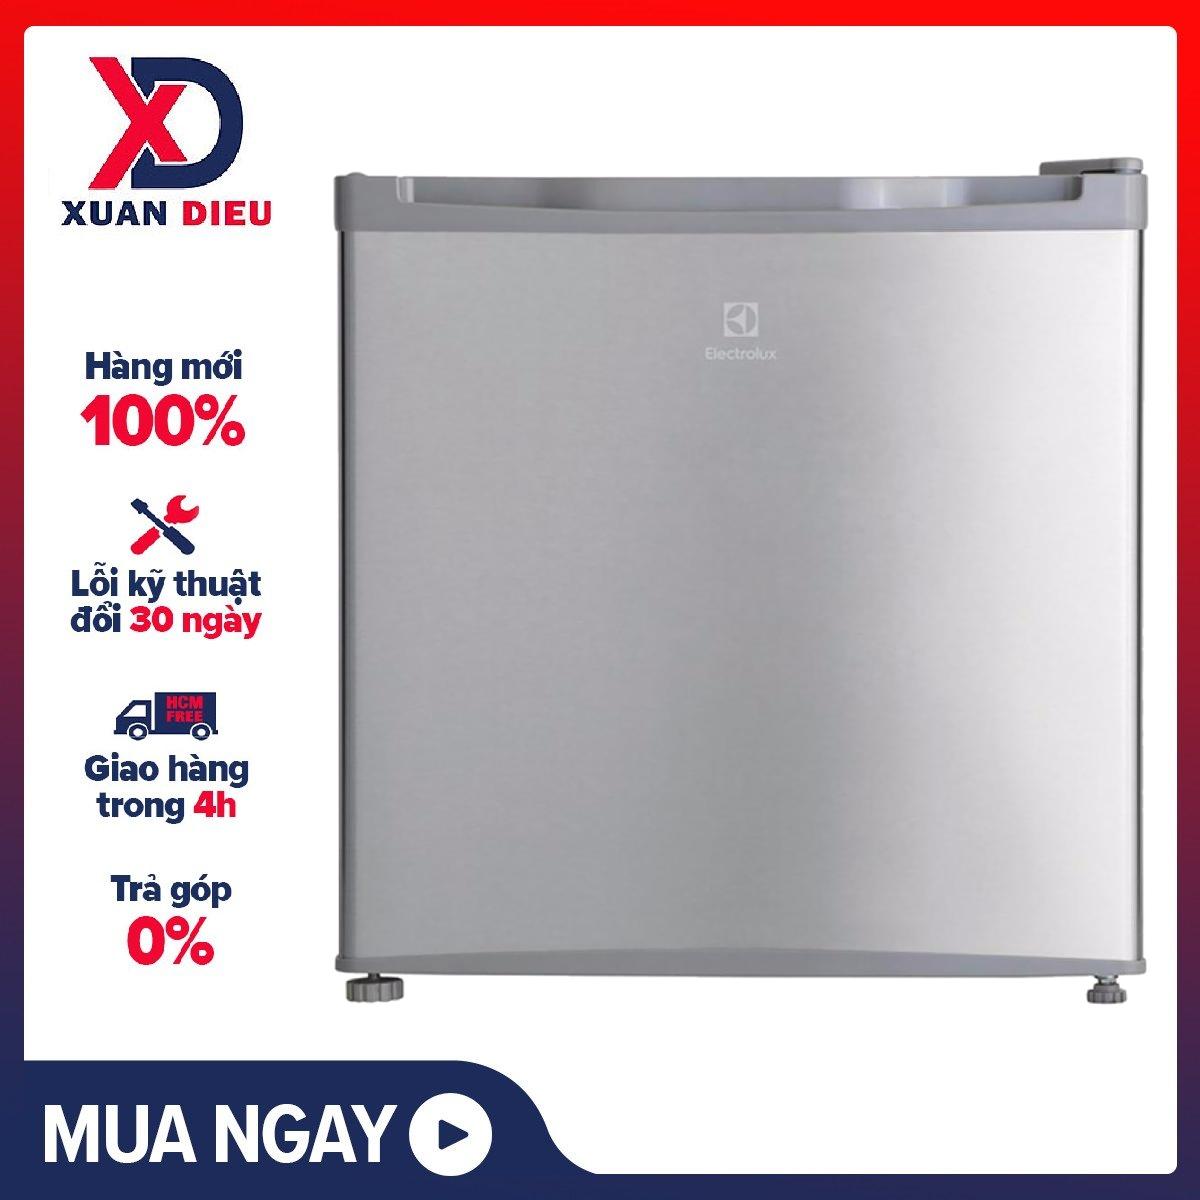 Tủ Lạnh ELECTROLUX 52 Lít EUM0500SB - Miễn phí vận chuyển HCM